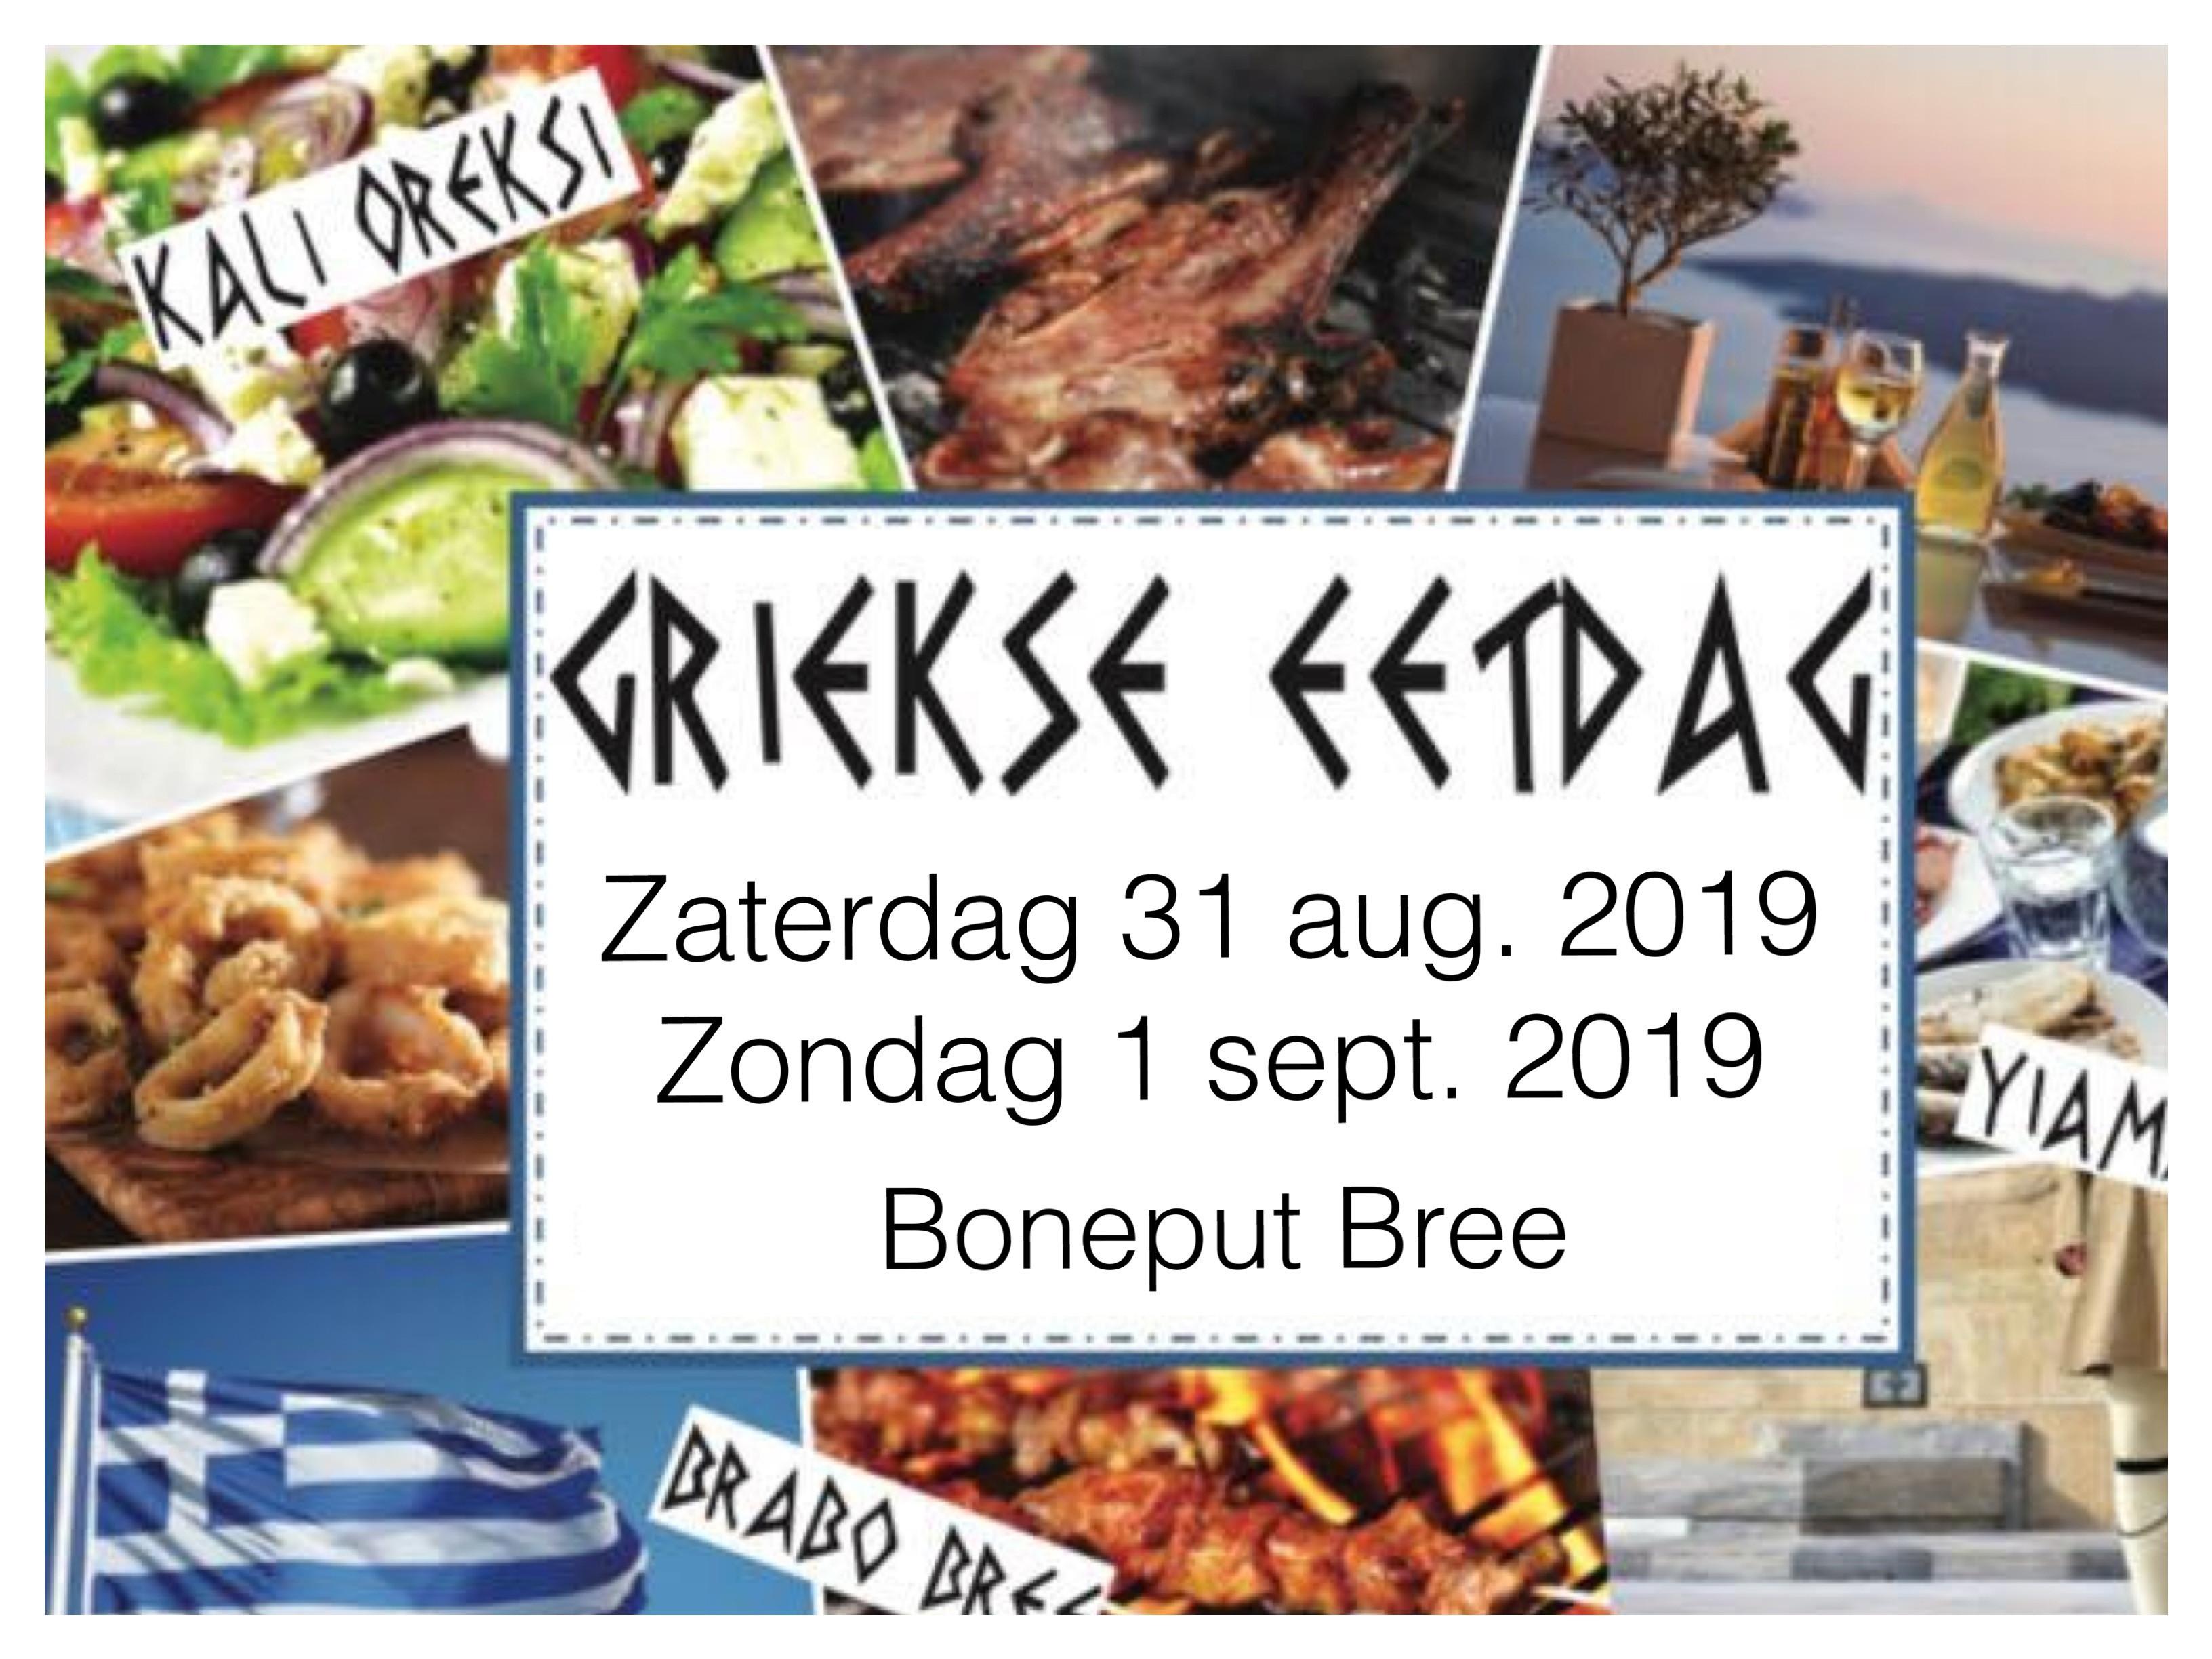 Griekse eetdag